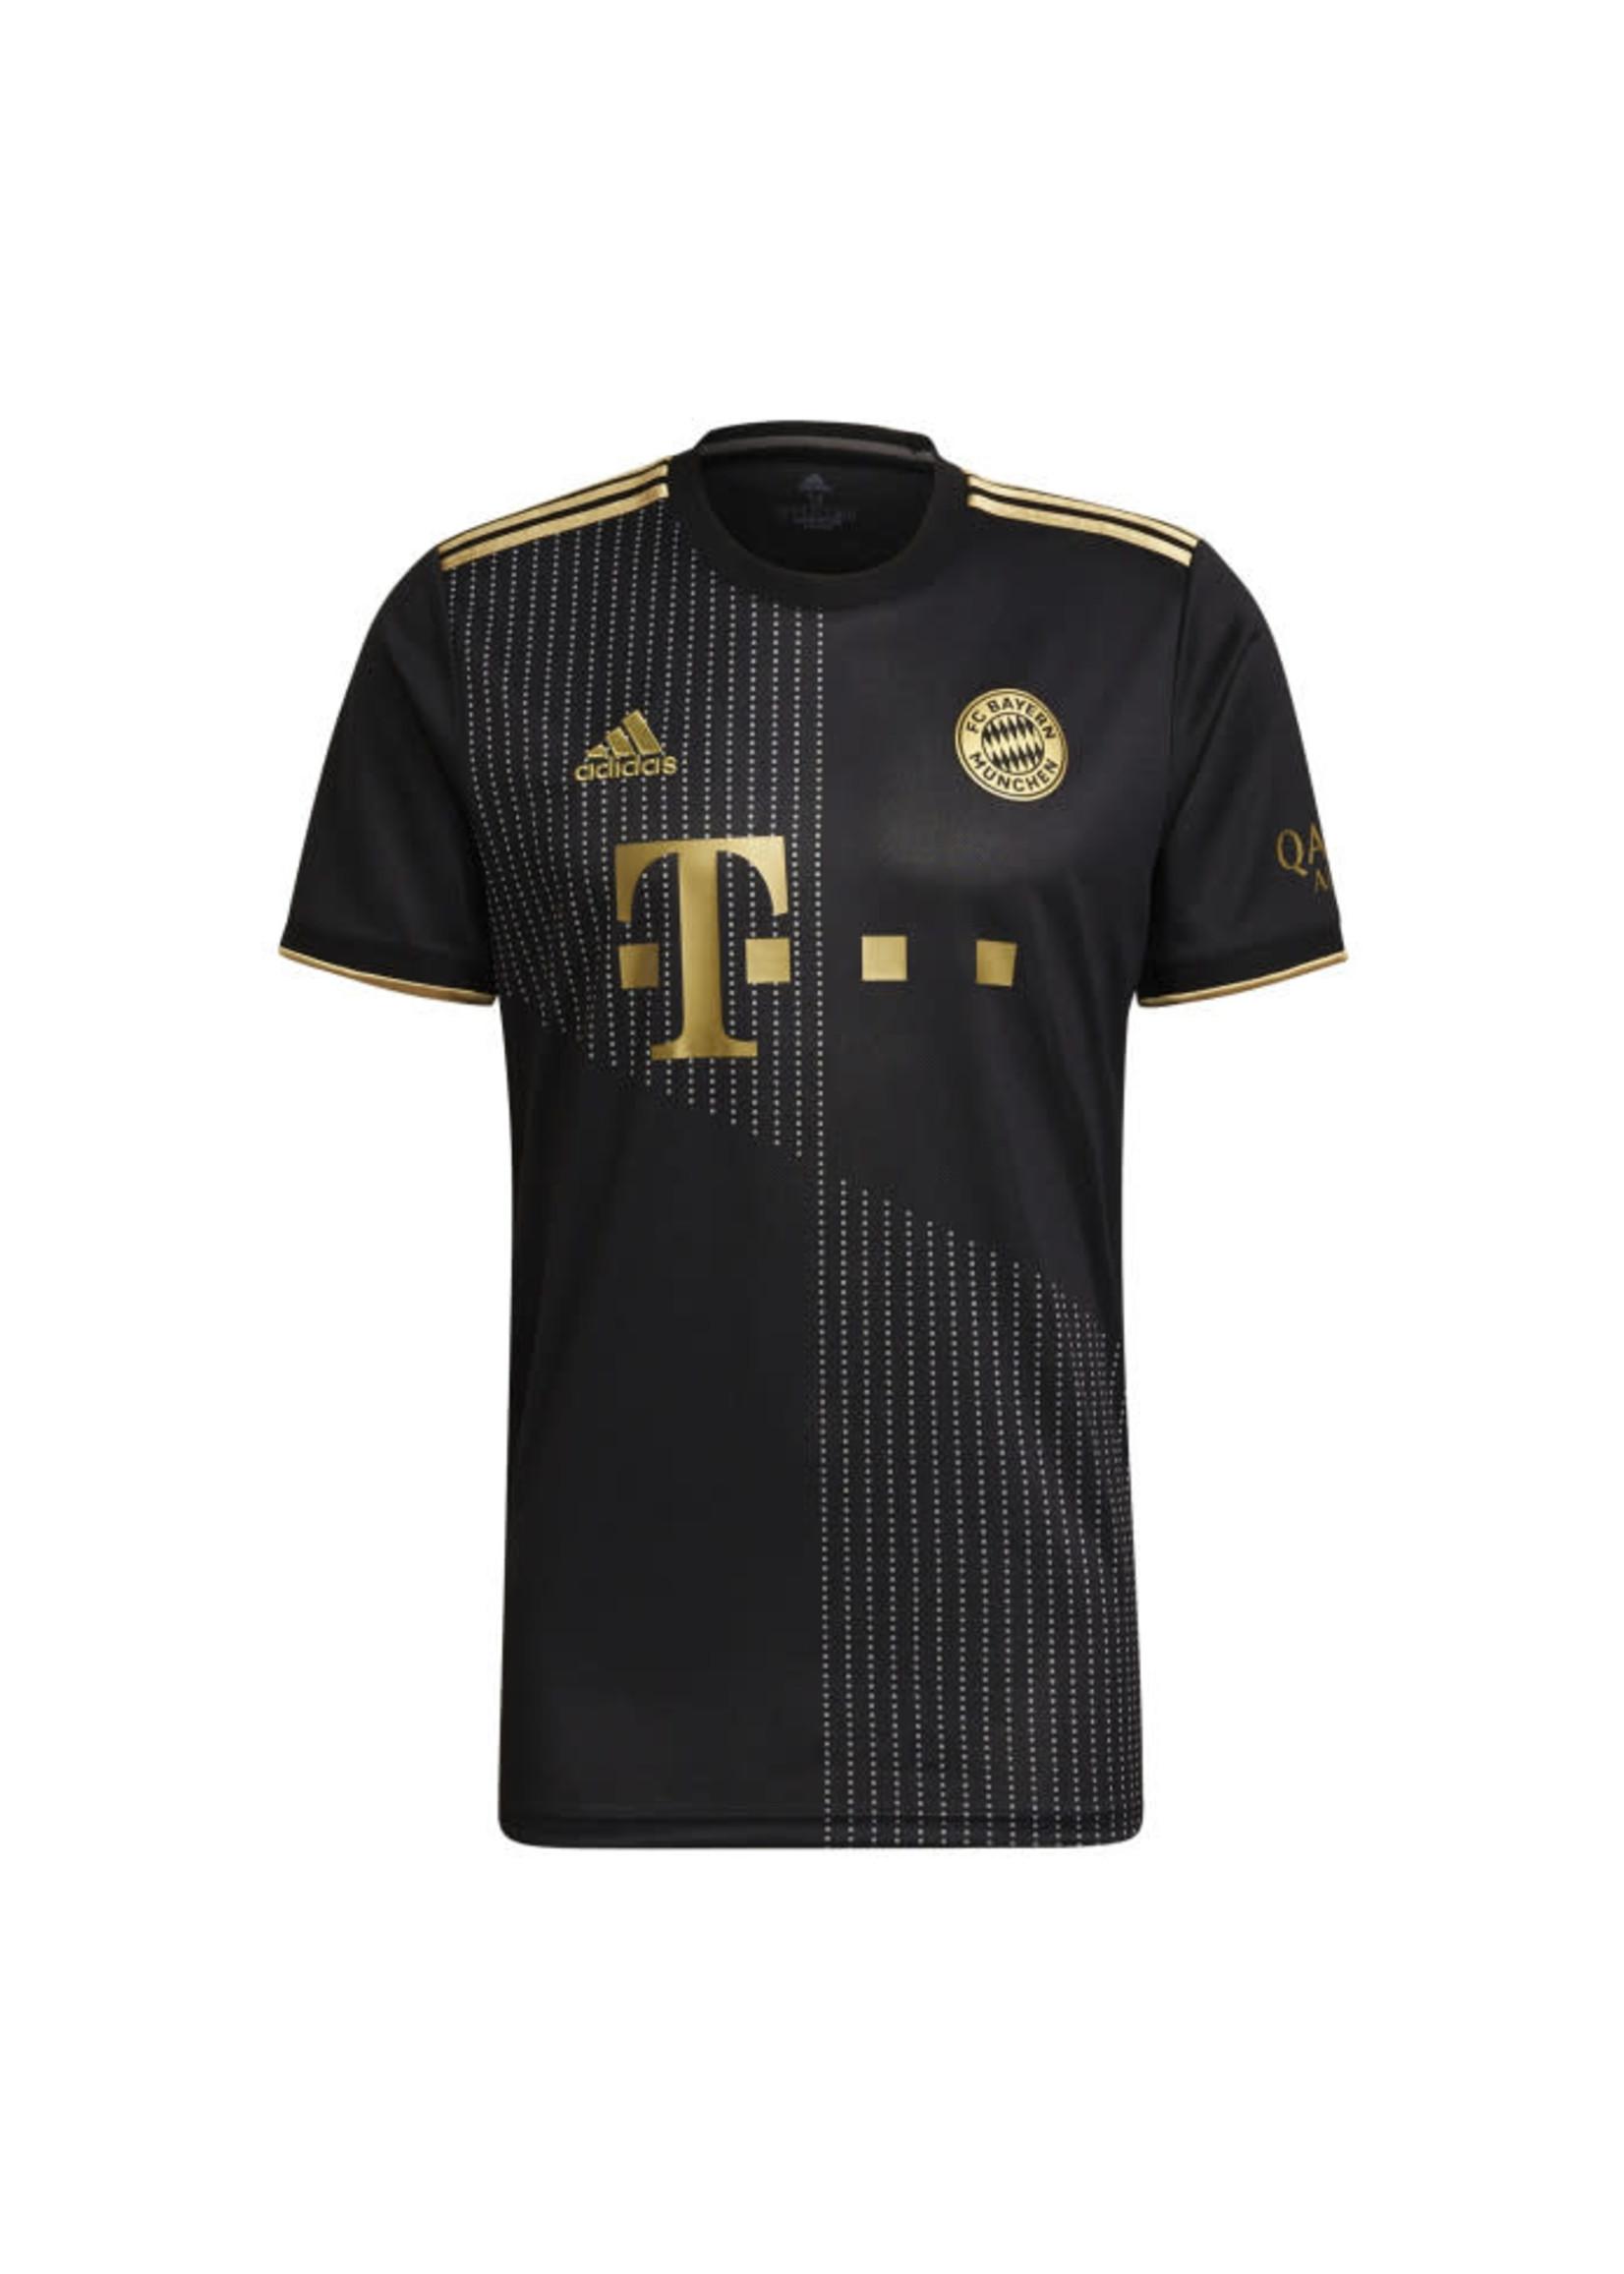 Adidas FC BAYERN MUNICH AWAYJERSEY 2021/22